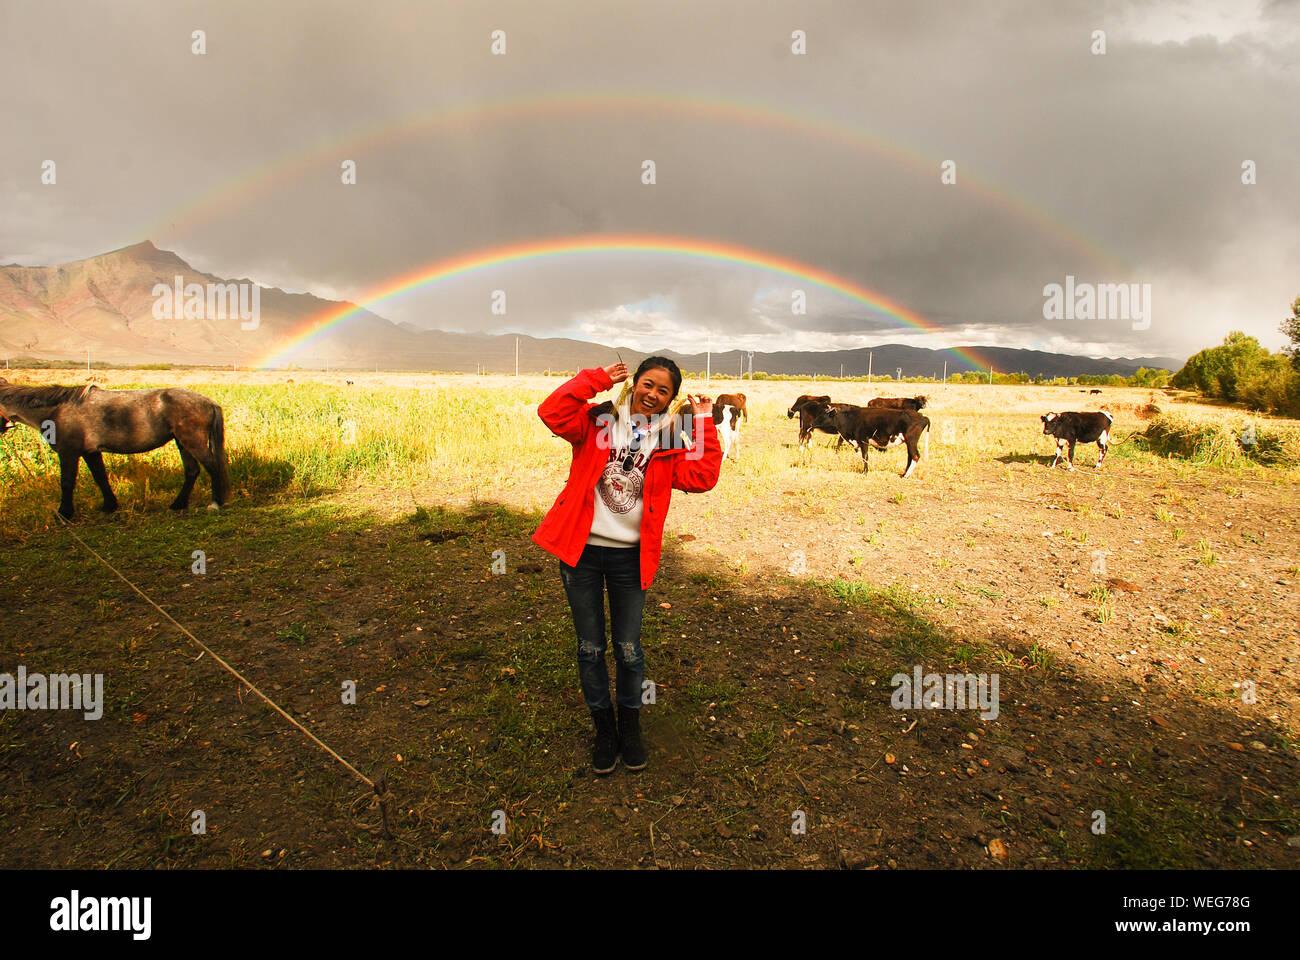 Mujer de pie feliz por caballos y vacas contra el Arco iris sobre el campo Foto de stock